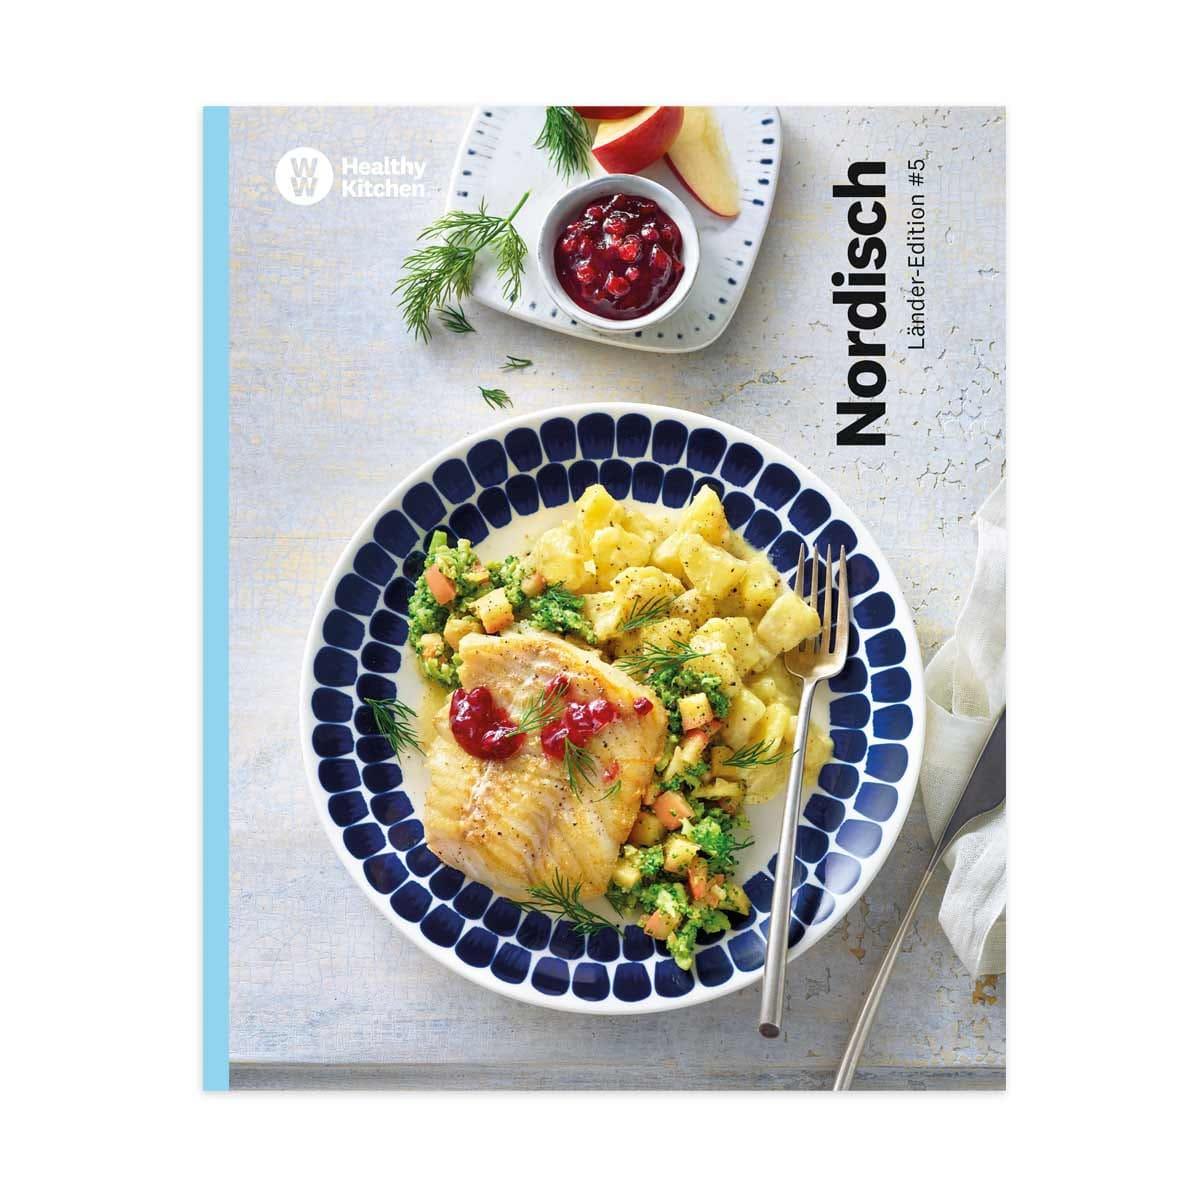 WW Kochbuch Nordisch, #5 Länder-Edition (22 Rezepte)